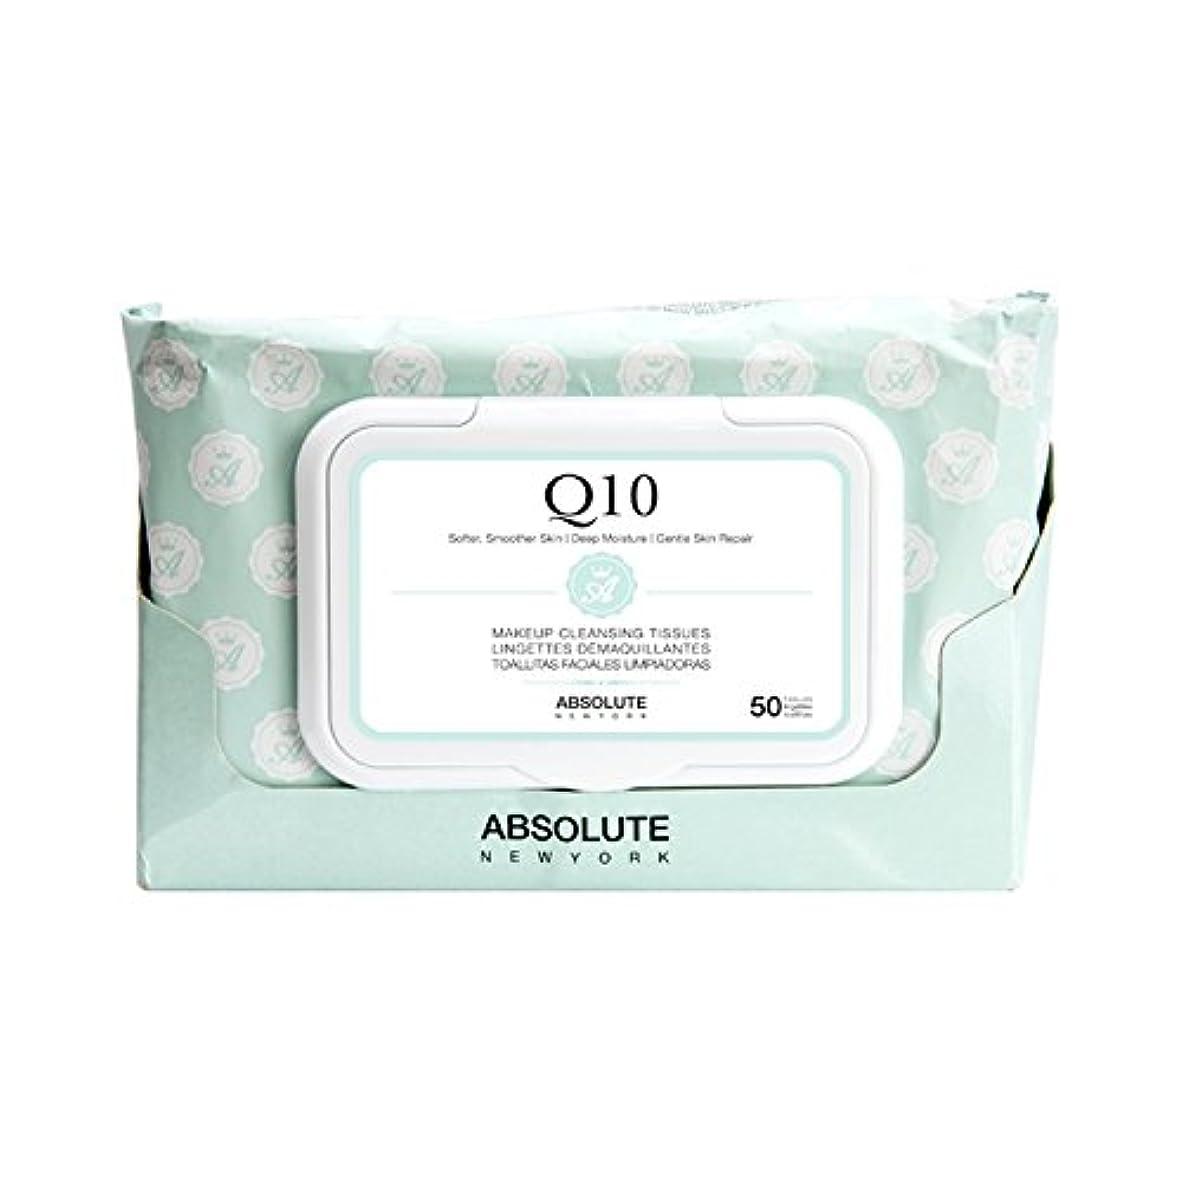 湿度アシスタント気配りのあるABSOLUTE Makeup Cleansing Tissue 50CT - Q10 (並行輸入品)